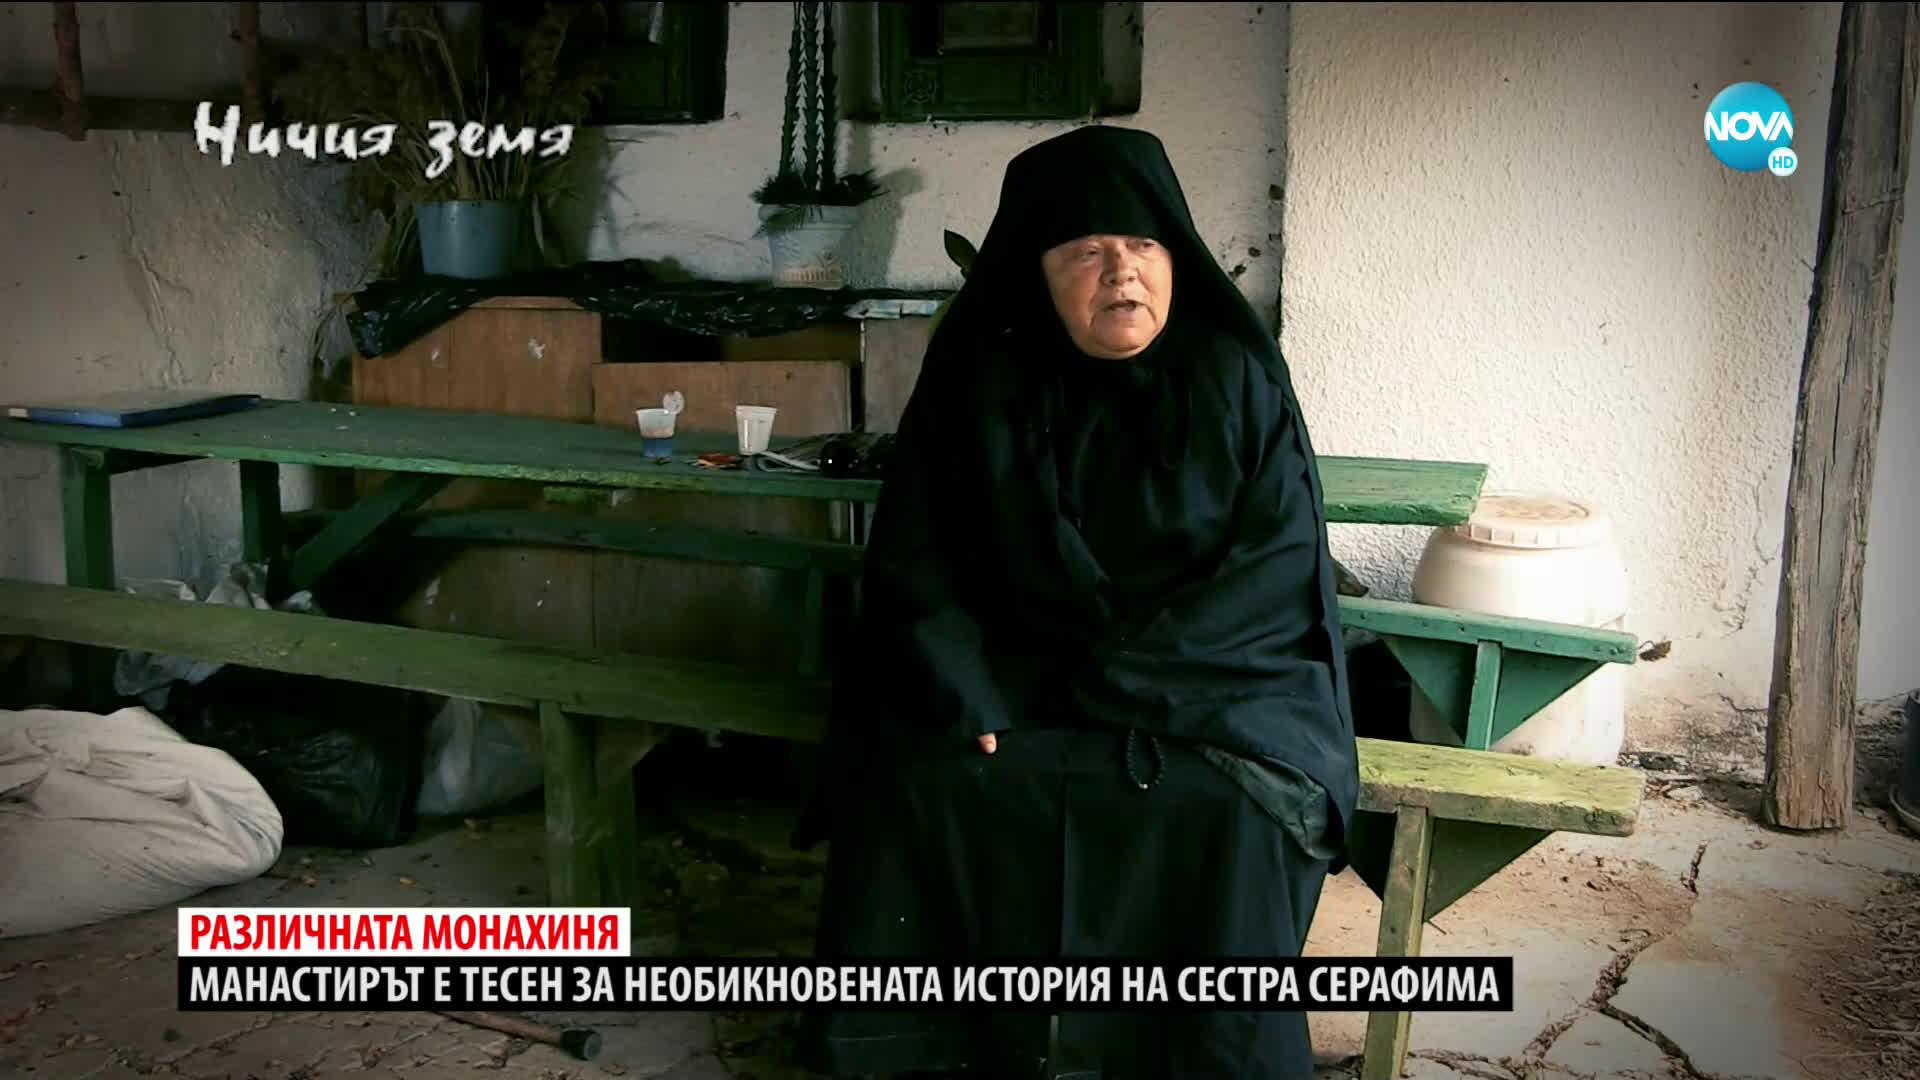 """""""Ничия земя"""": Защо човек си тръгва от светското, за да се затвори в ограбван манастир? (14.11.2020)"""